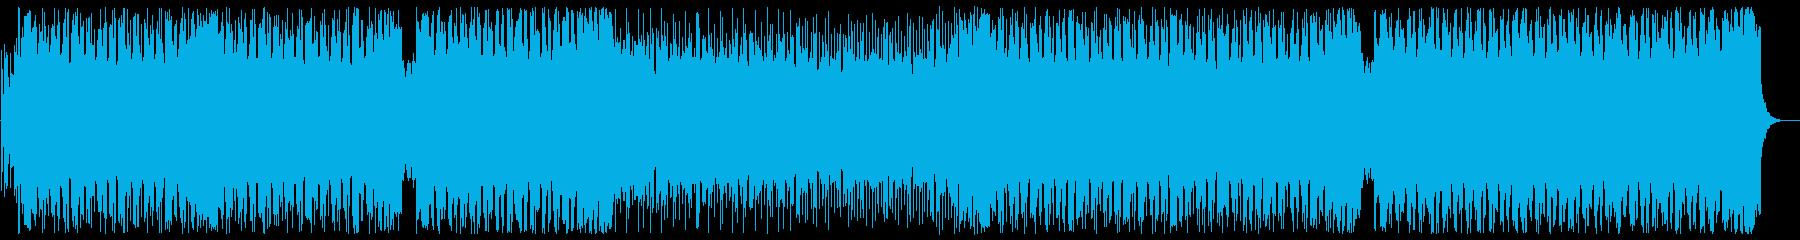 モチベーションの上がるEDM 声無しの再生済みの波形